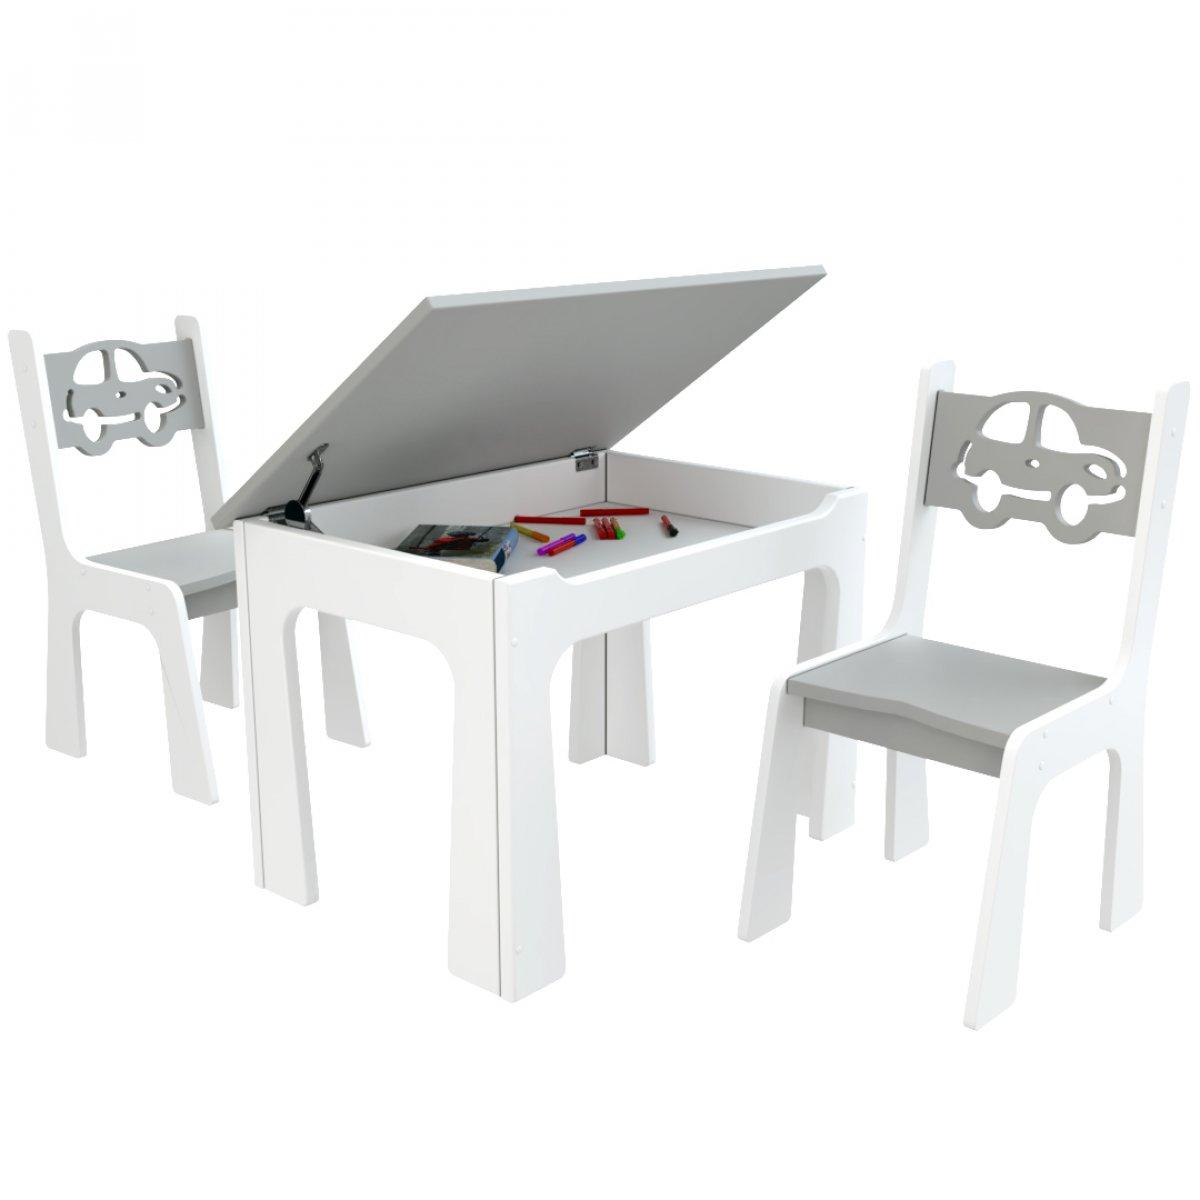 Otevírací stůl + židličky - auta